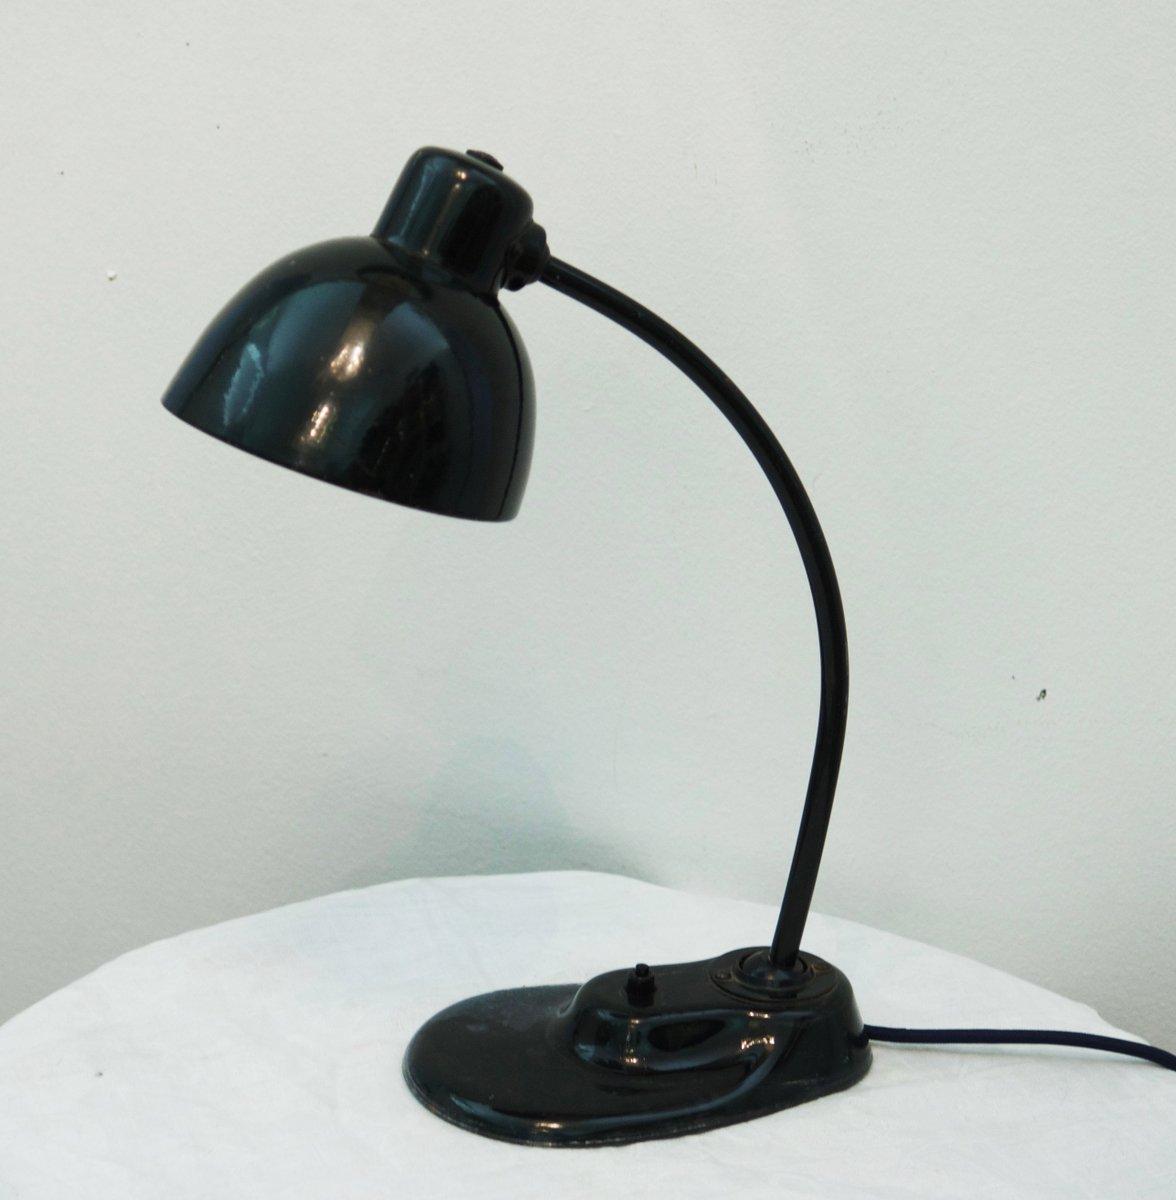 bauhaus desk lamp by marianne brandt for kandem leuchte for sale at pamono. Black Bedroom Furniture Sets. Home Design Ideas